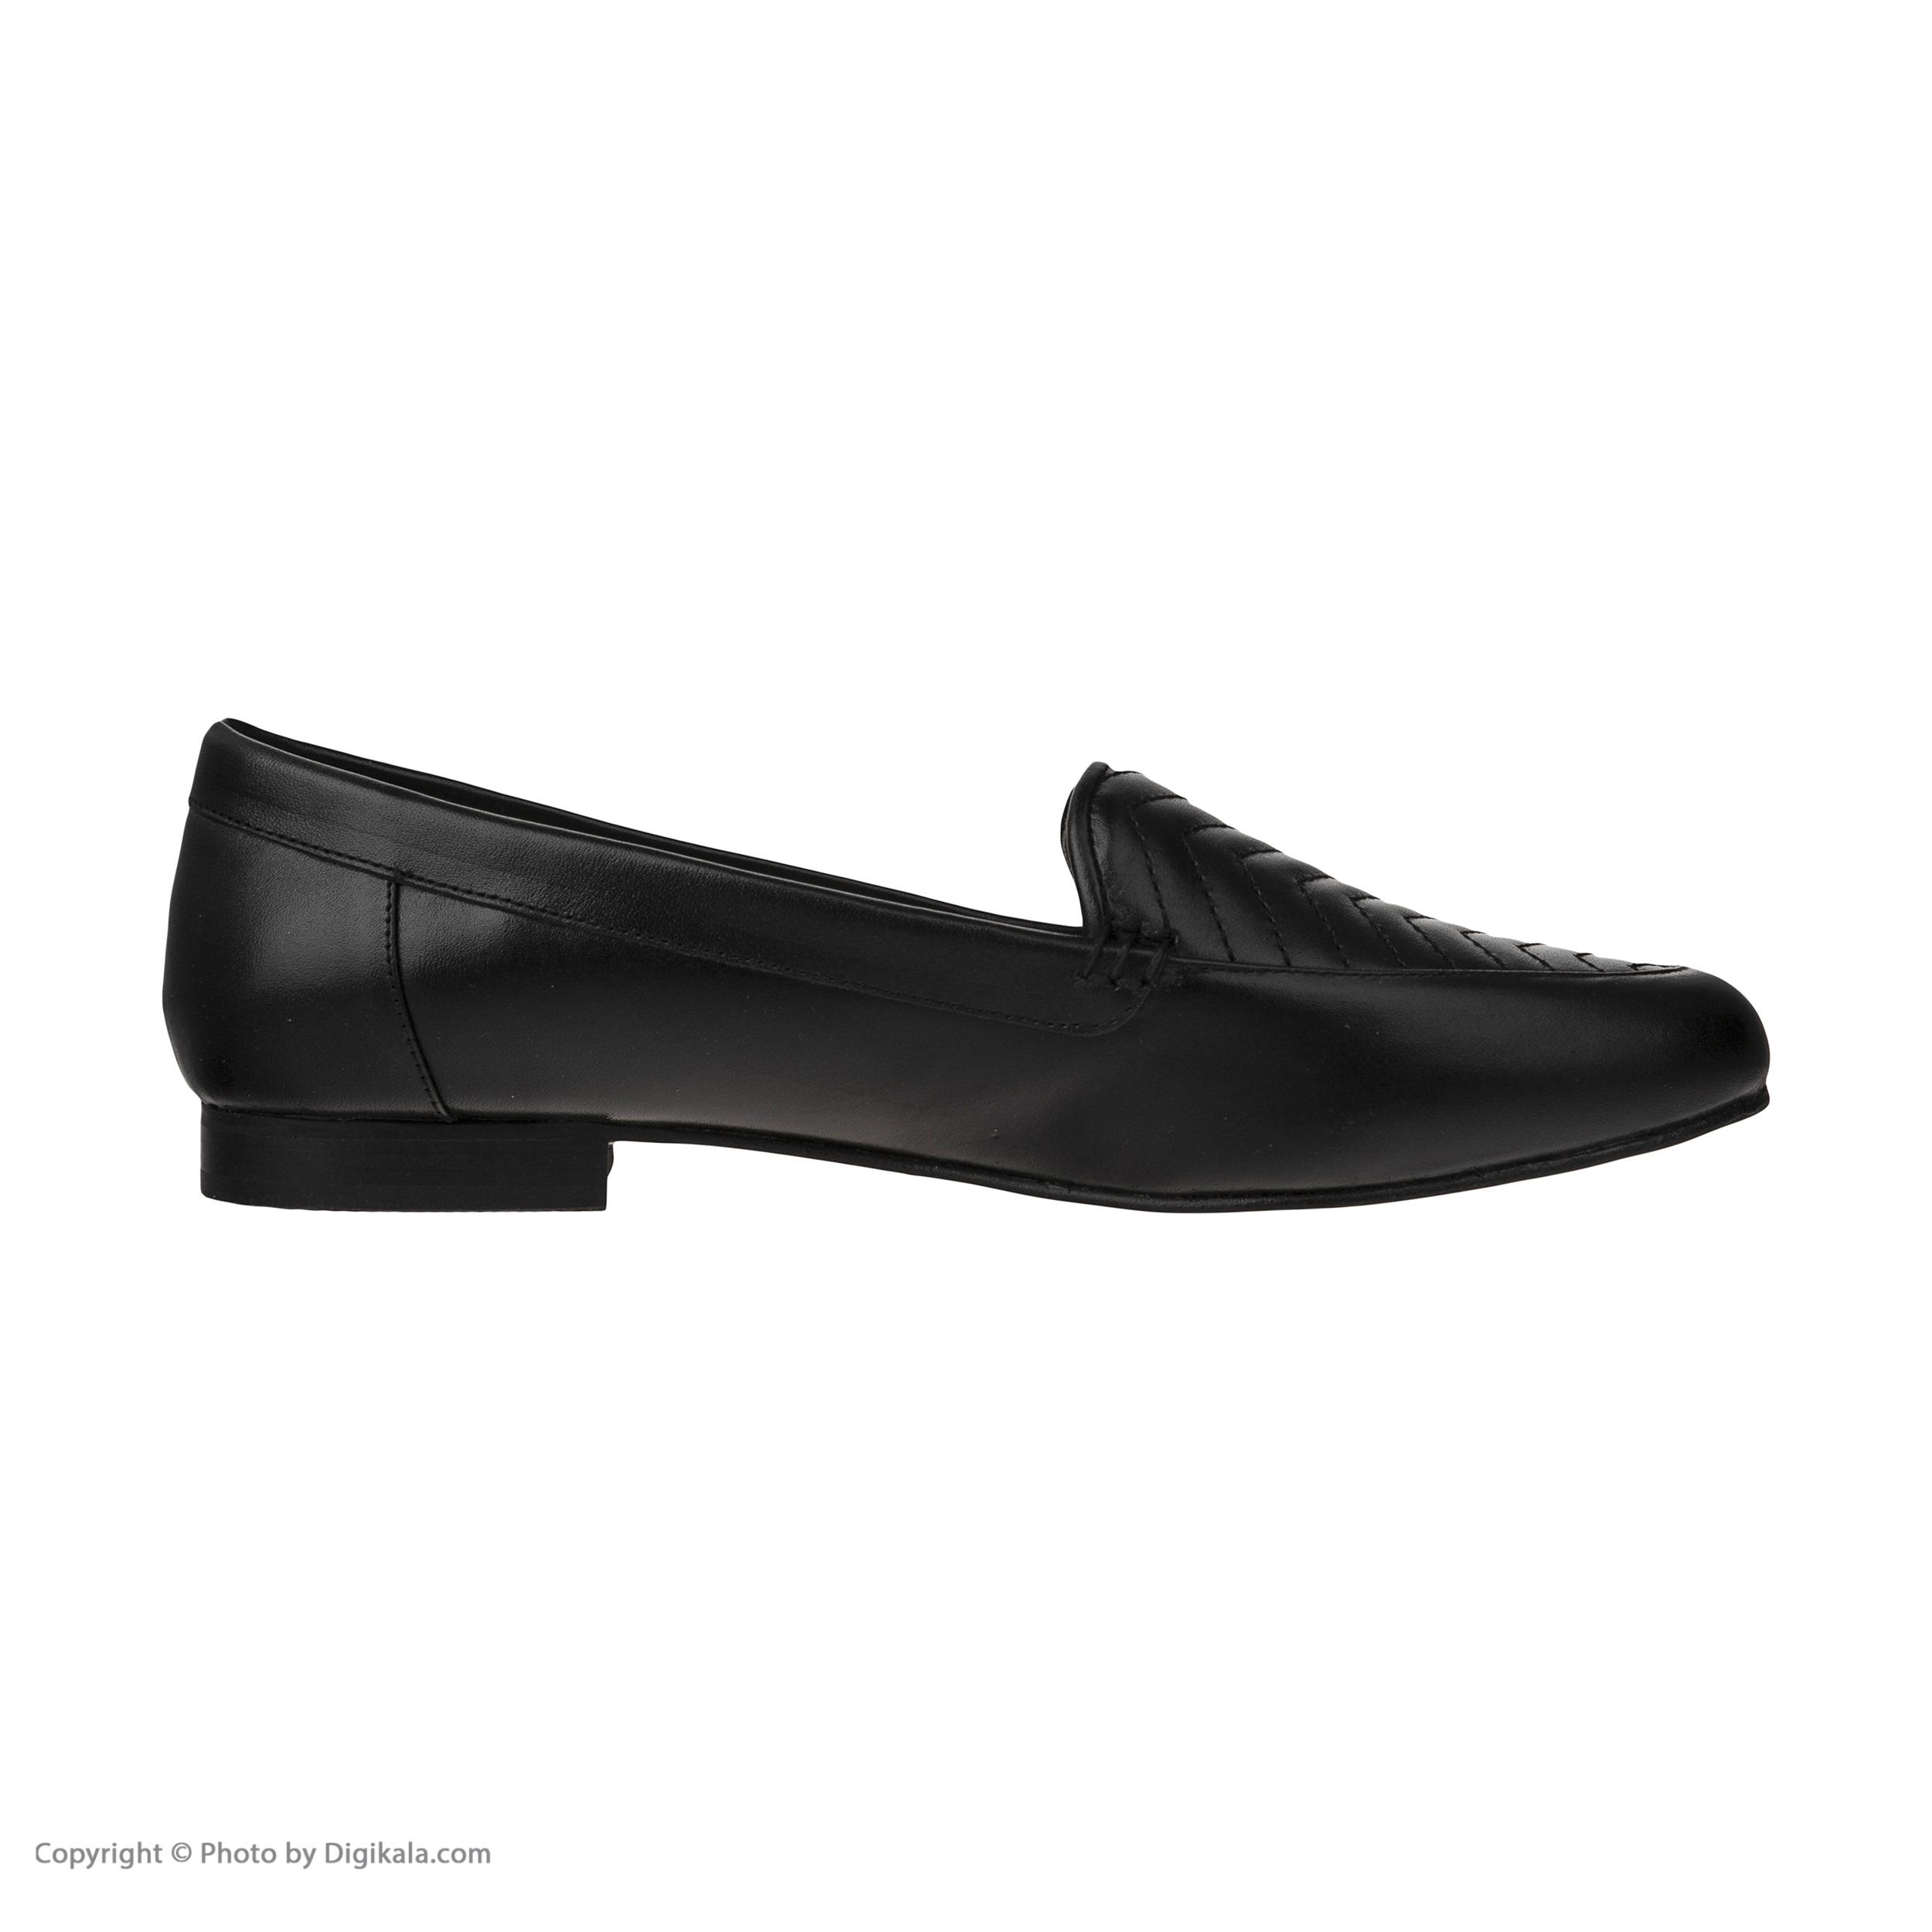 کفش  زنانه چرم یاس مدل اورلان M1